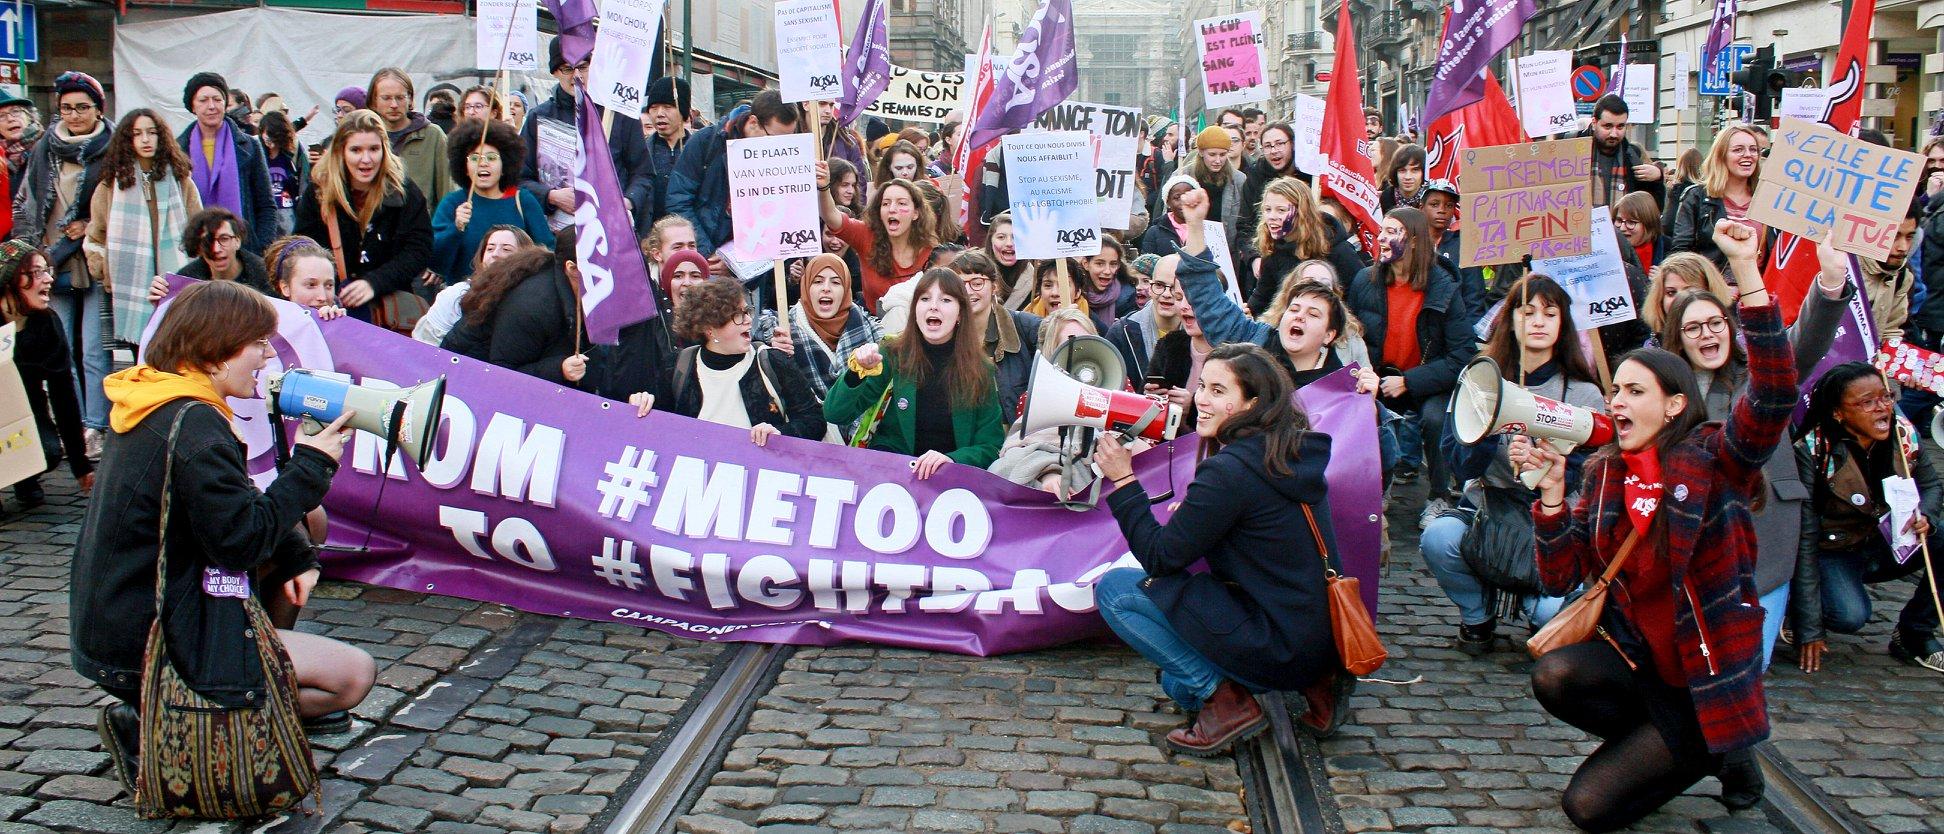 Entre 10.000 et 15.000 personnes pour dire stop aux violences sexistes!